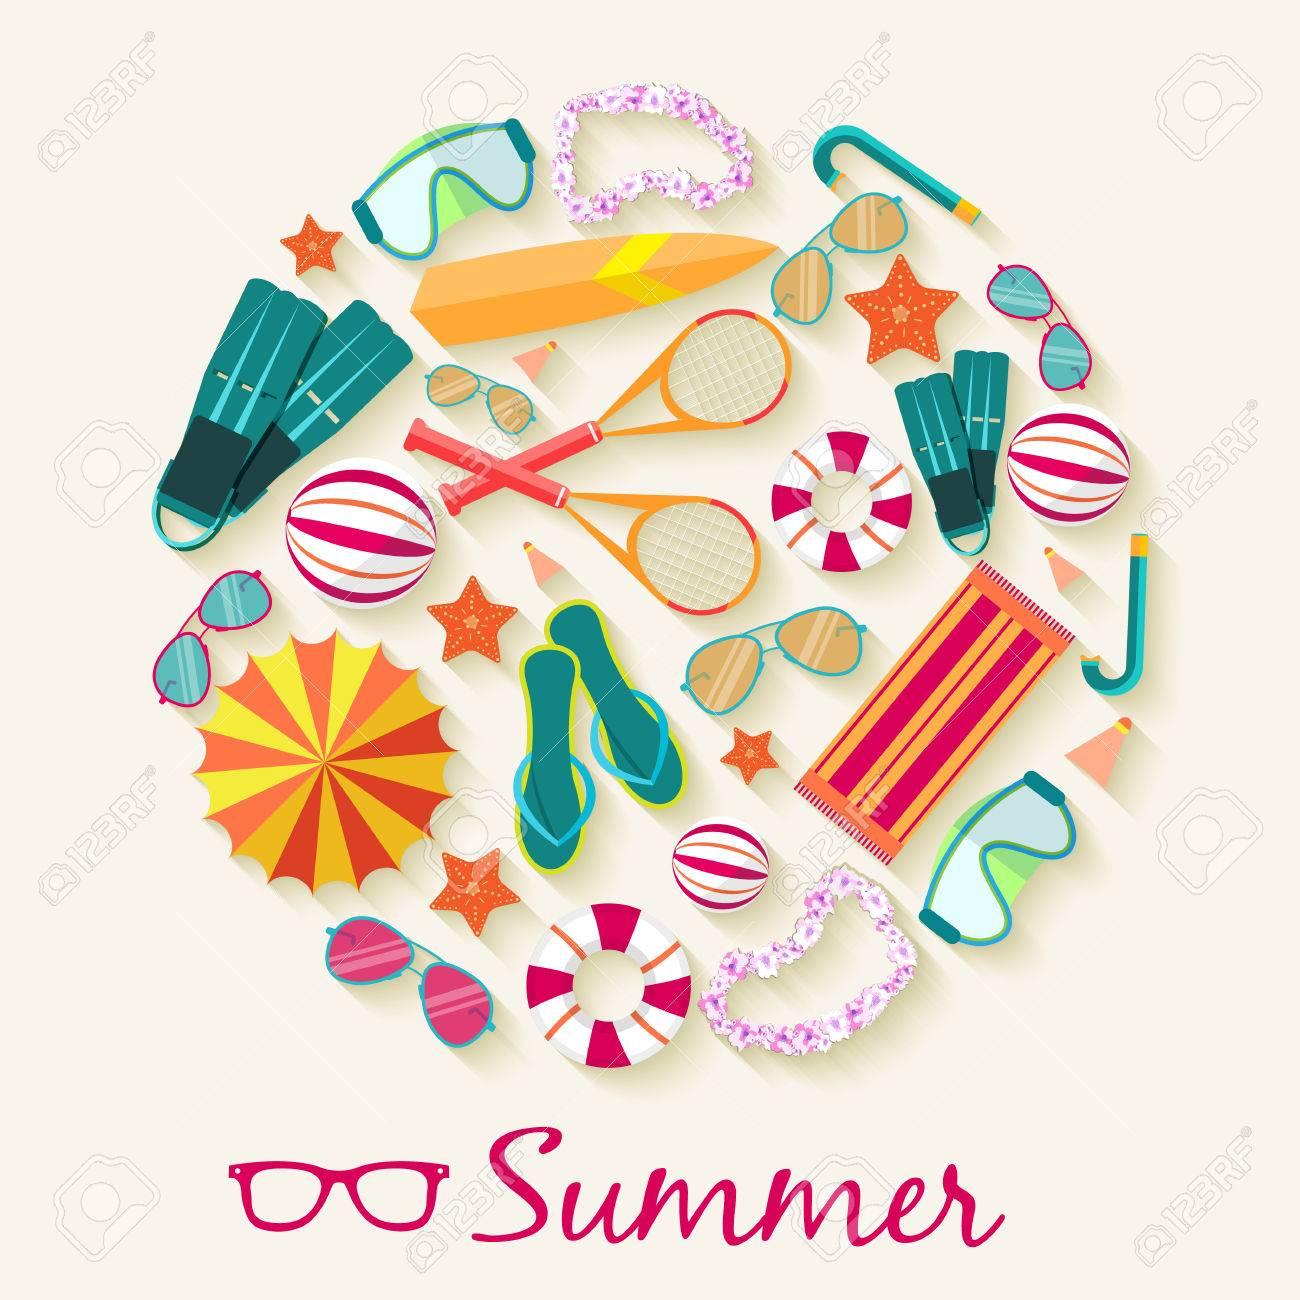 summer vecetion time background vector illustration concept - 34299268